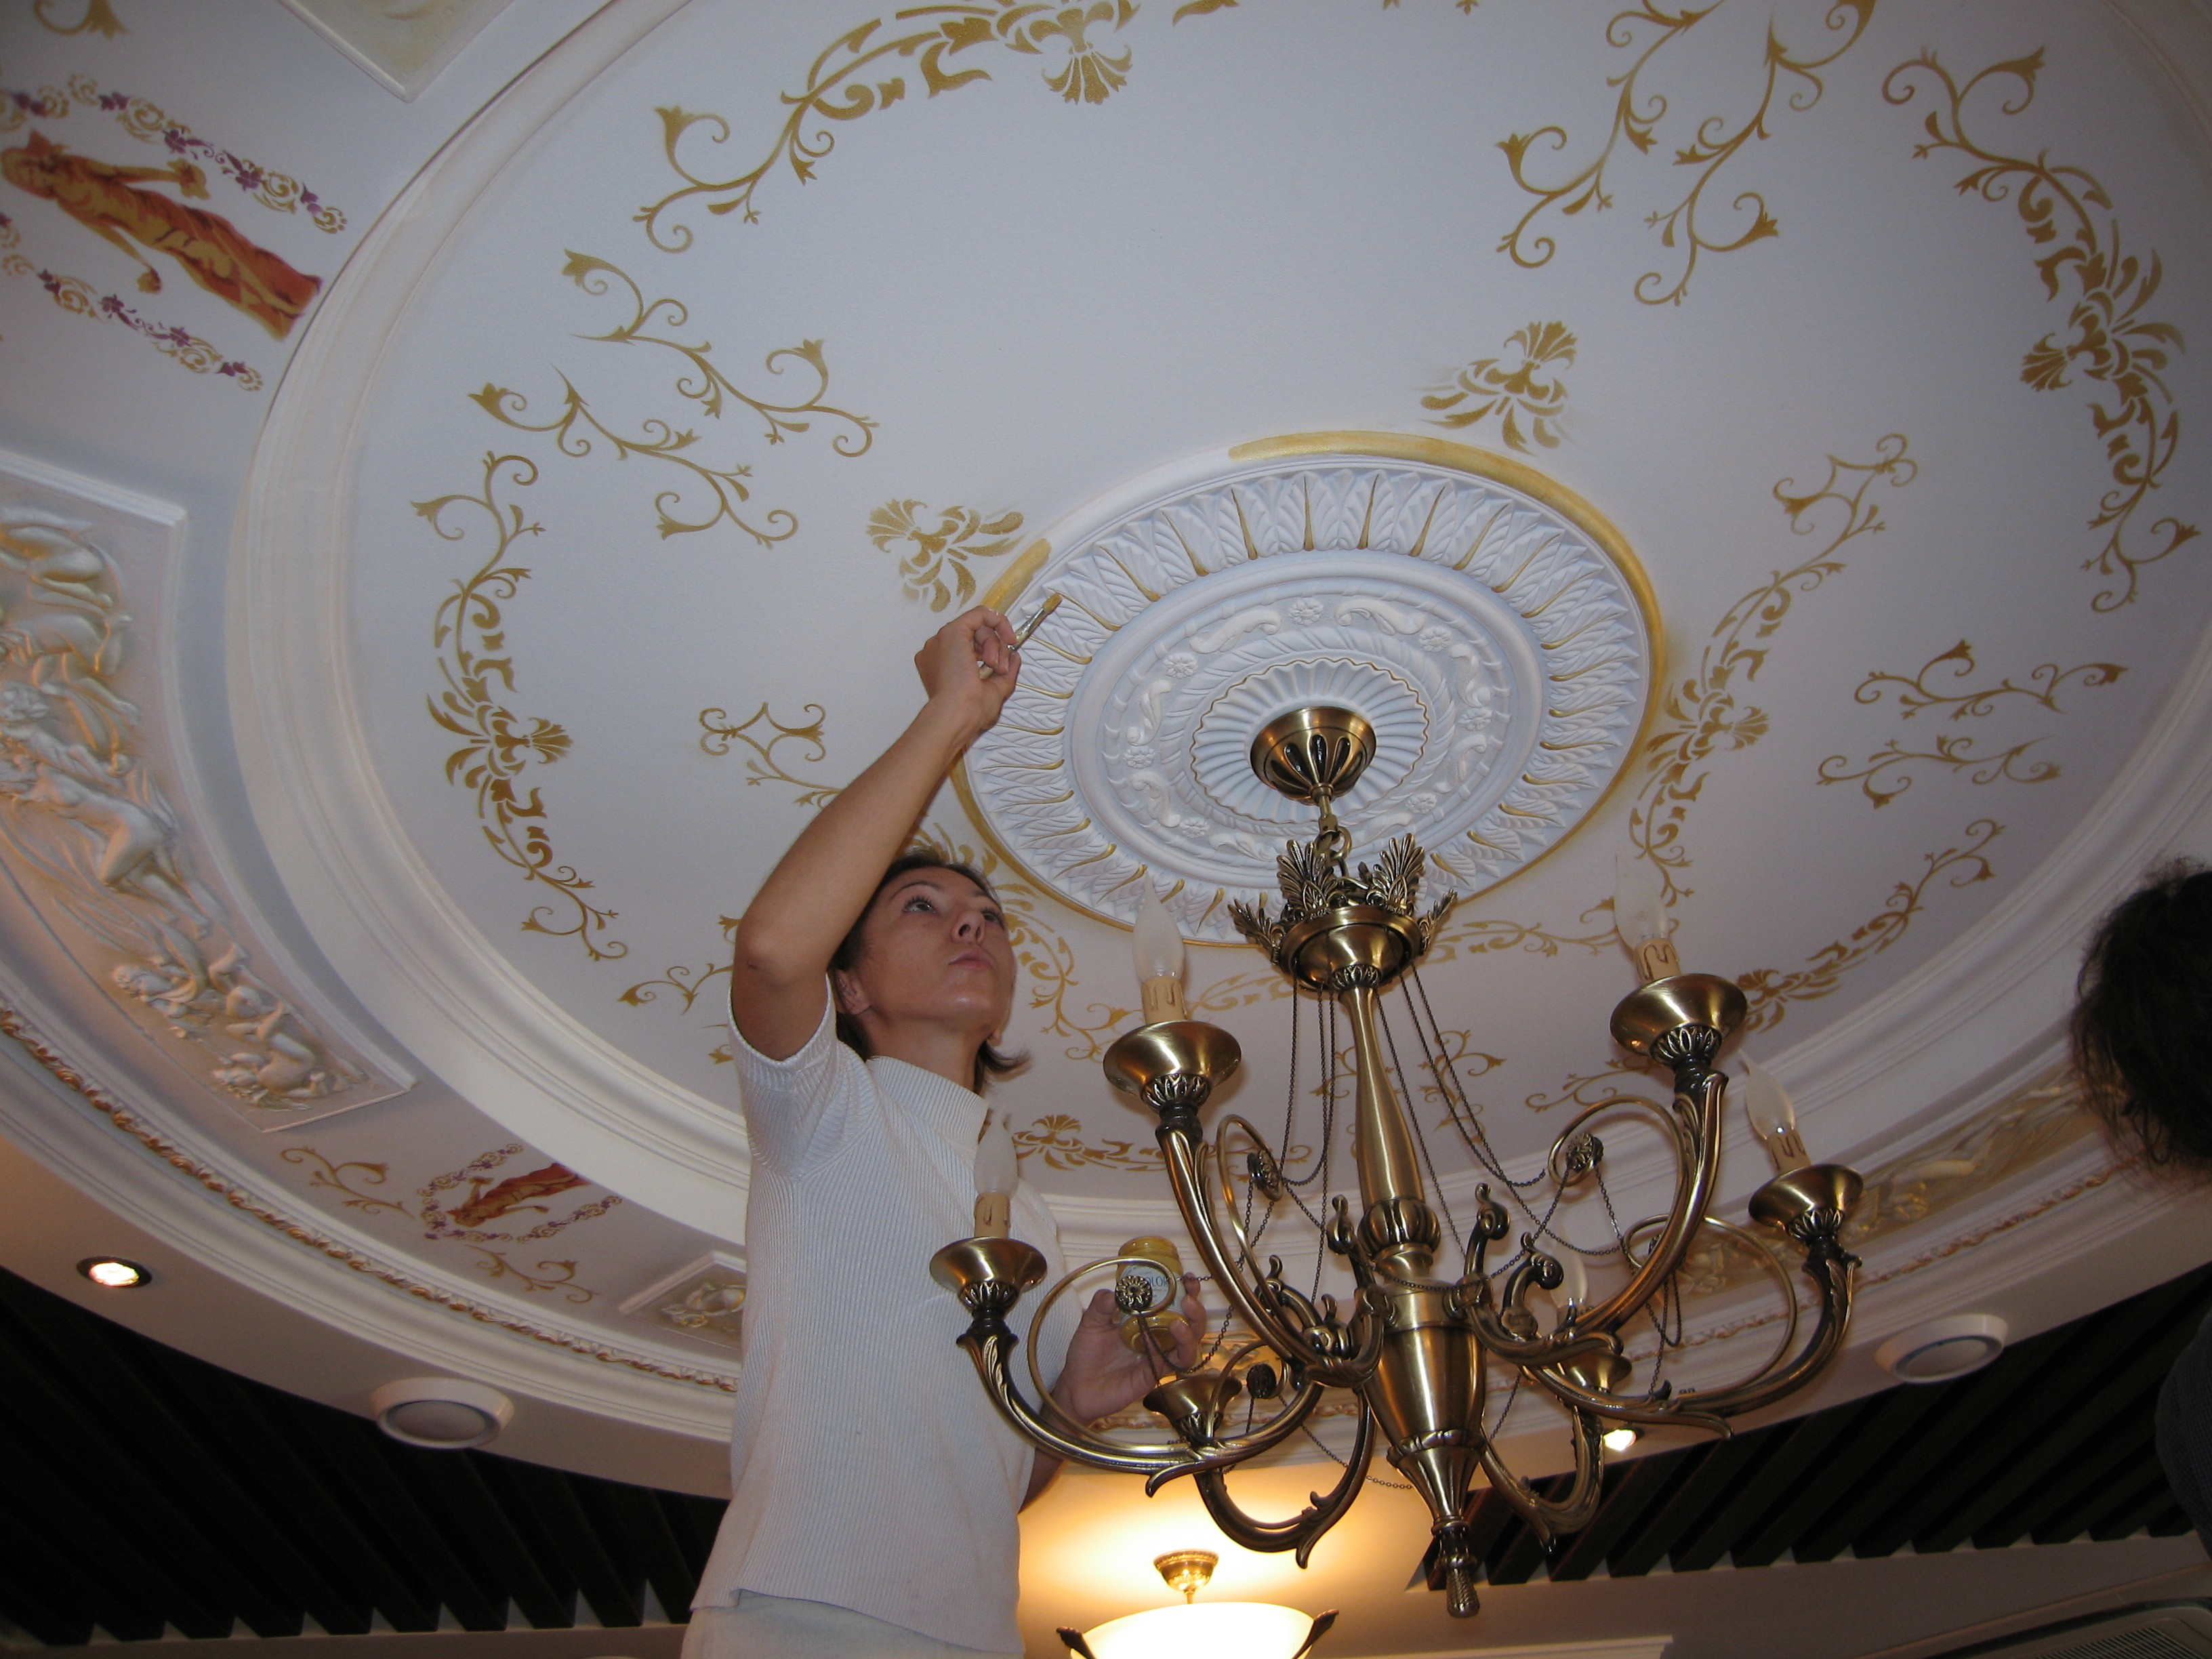 ножке настоящего как украсить потолок своими руками фото рассказывает рыжем